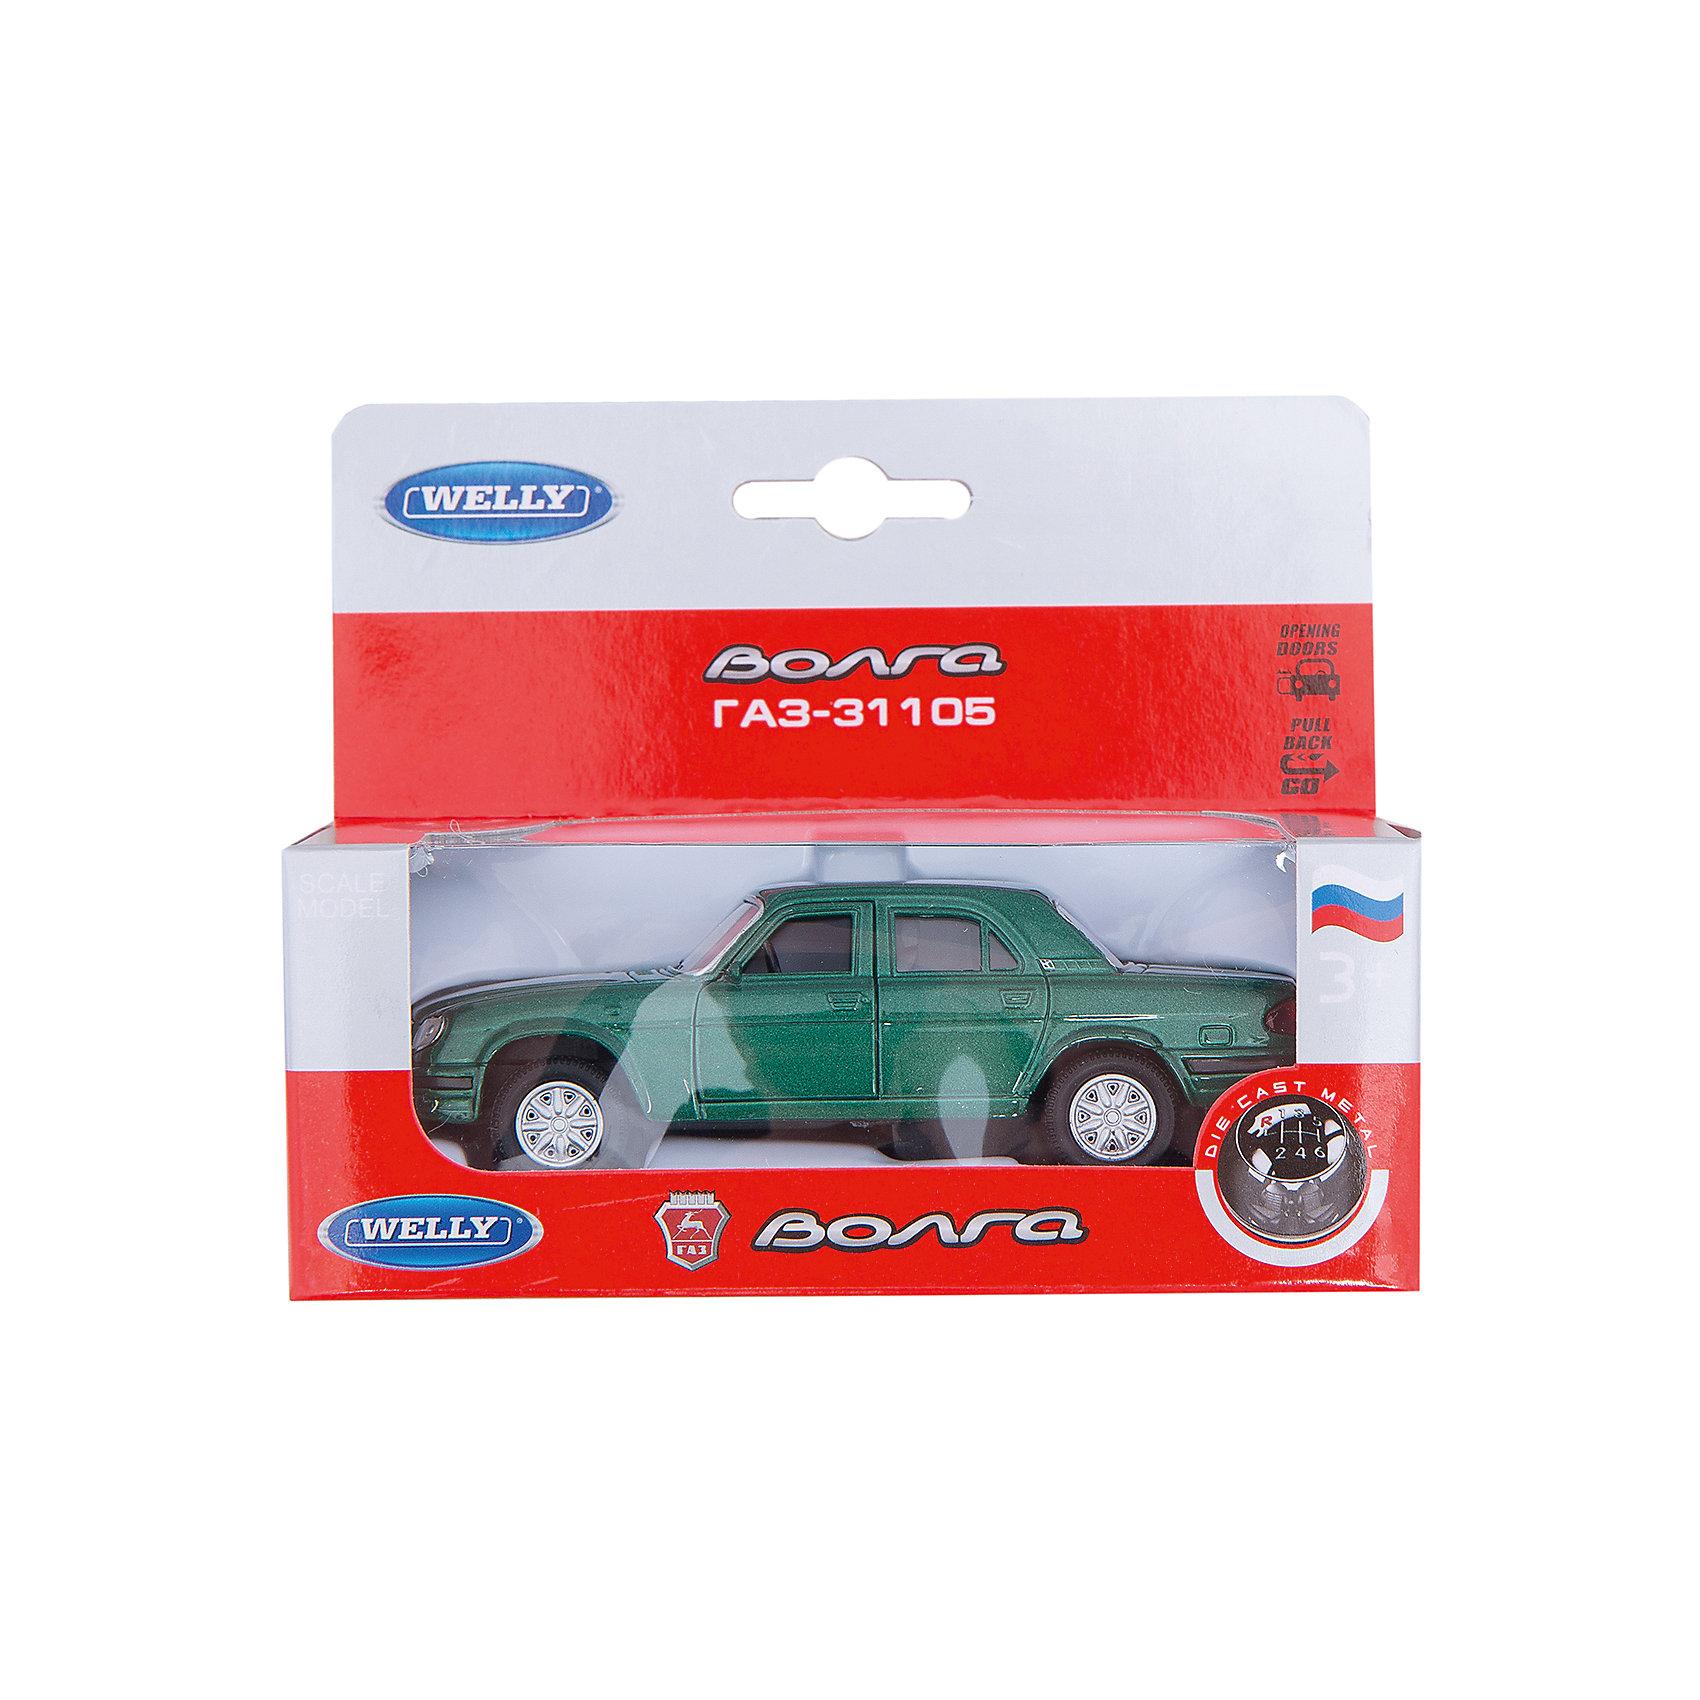 Welly Модель машины ВолгаМашинки<br>Модель автомобиля Волга масштаба 1:34 инерционная. <br><br>У машинки открываются двери.<br><br>Дополнительная информация:<br><br>Материал: металл с элементами пластика.<br><br>Размер упаковки (д/ш/в): 14 х 6 х 11 см.<br><br>Прекрасная модель для автолюбителей.<br><br>Внимание! Данная модель имеет несколько вариантов исполнения, при заказе нескольких моделей возможно получение одинаковых.<br><br>Ширина мм: 140<br>Глубина мм: 60<br>Высота мм: 110<br>Вес г: 160<br>Возраст от месяцев: 84<br>Возраст до месяцев: 1188<br>Пол: Мужской<br>Возраст: Детский<br>SKU: 2150196